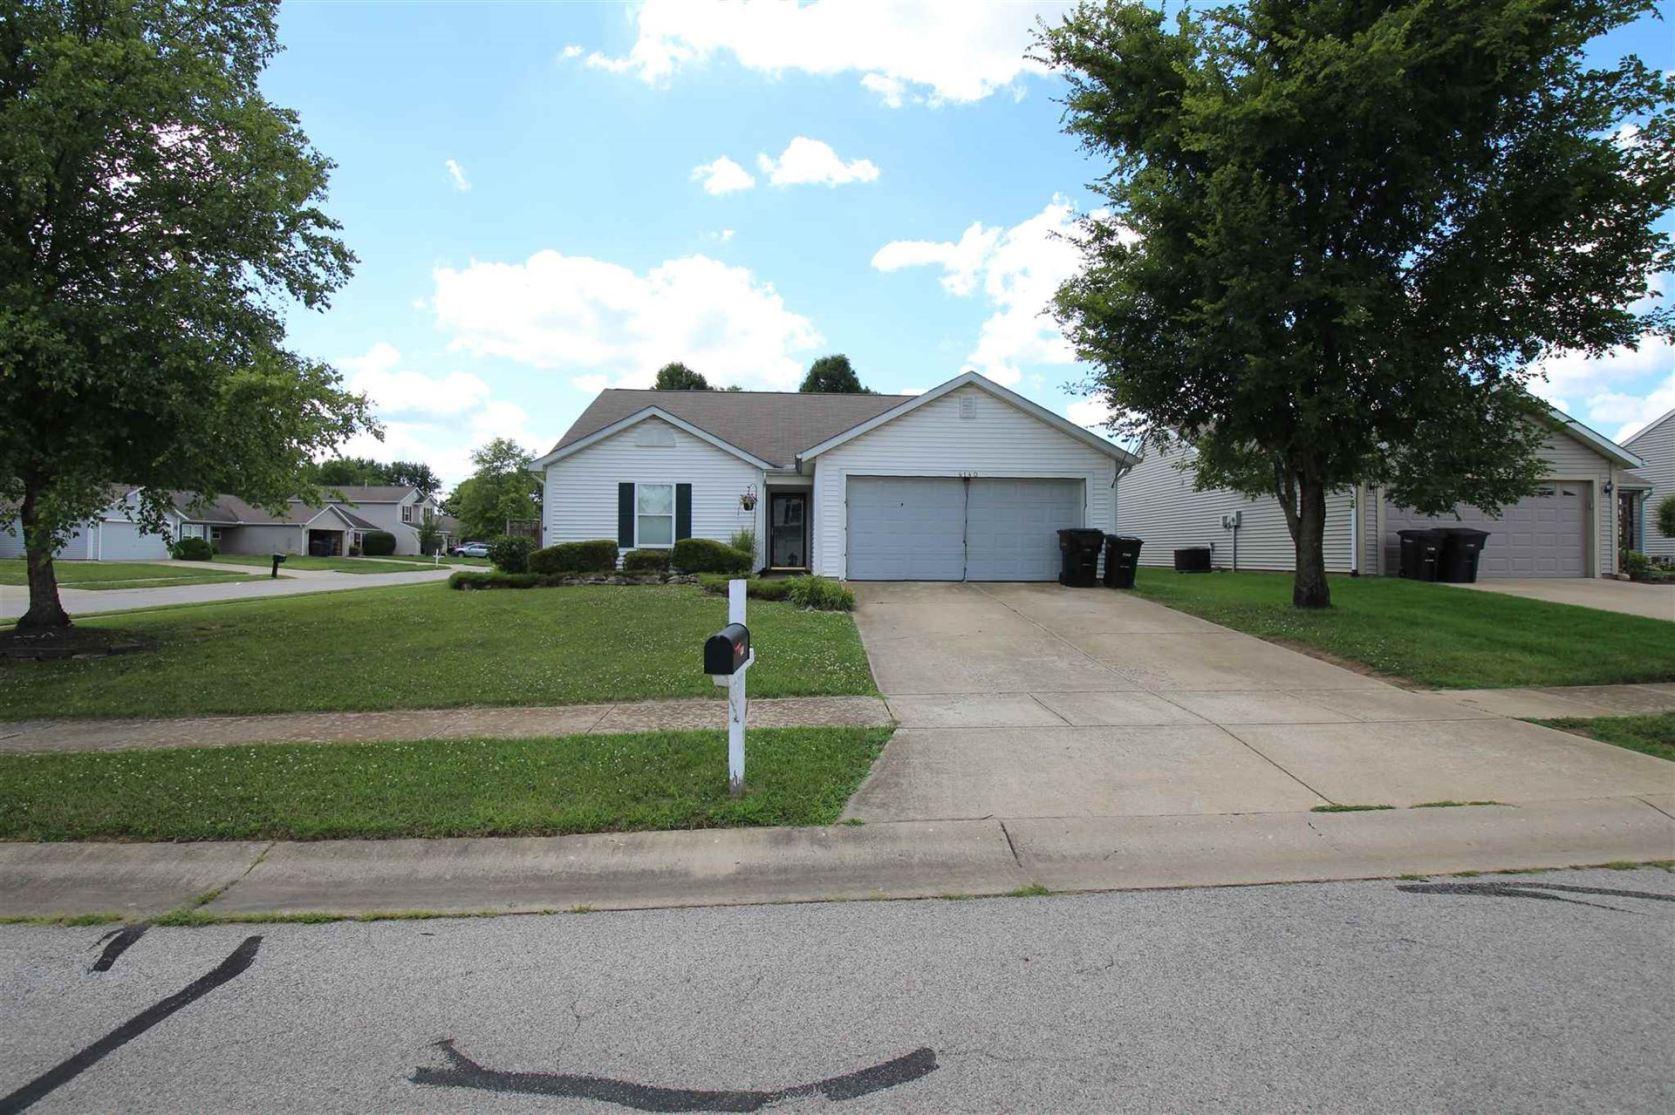 Photo of 4140 Lofton Drive, Lafayette, IN 47909 (MLS # 202026845)